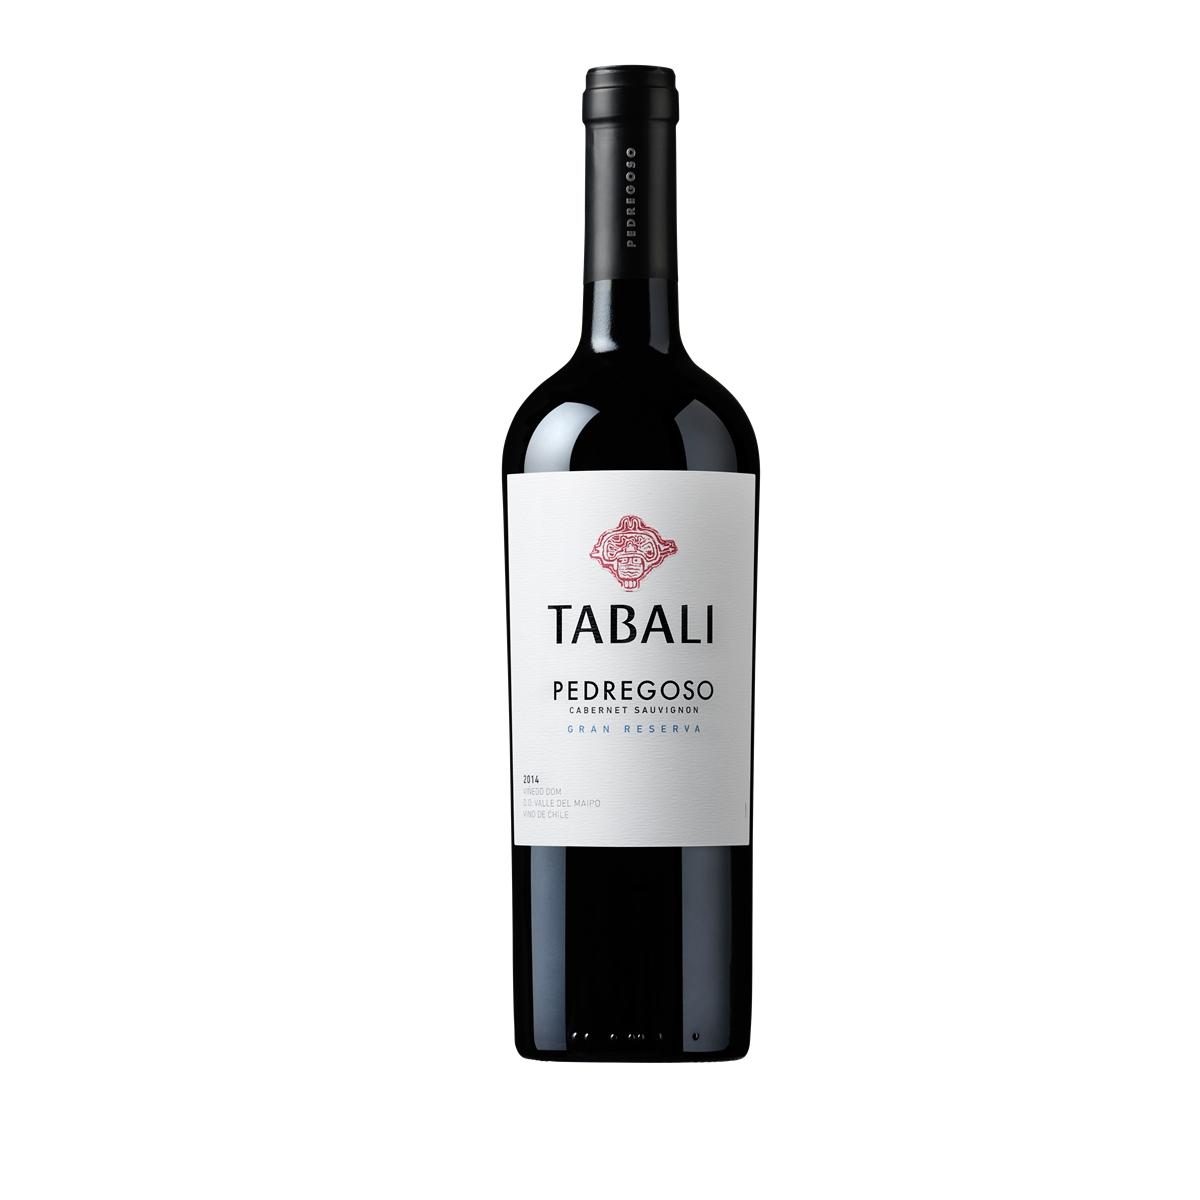 智利利马里谷达百利赤霞珠佳酿干红葡萄酒